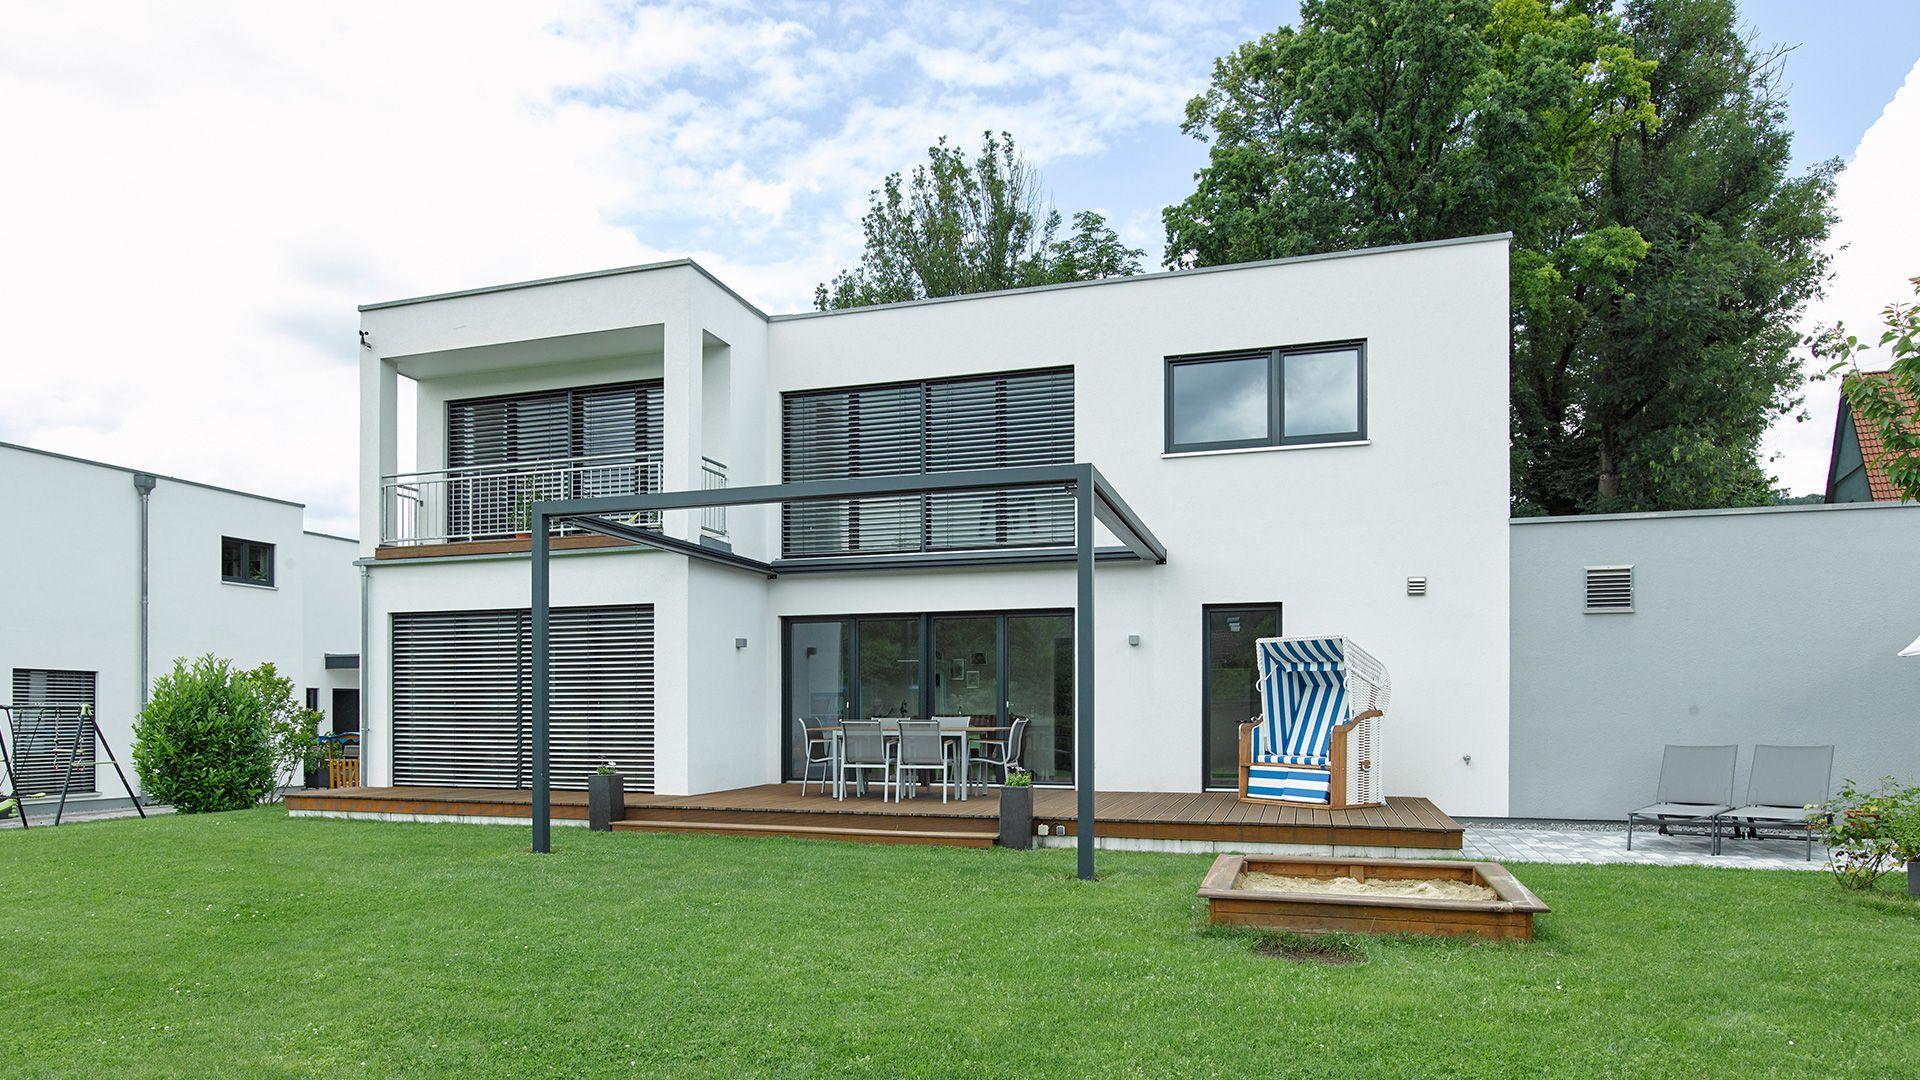 Sonnenschutz markisen terrasse  Erstklassige Sonnenschutz-Lösungen für Balkon + Terrasse: Markisen ...